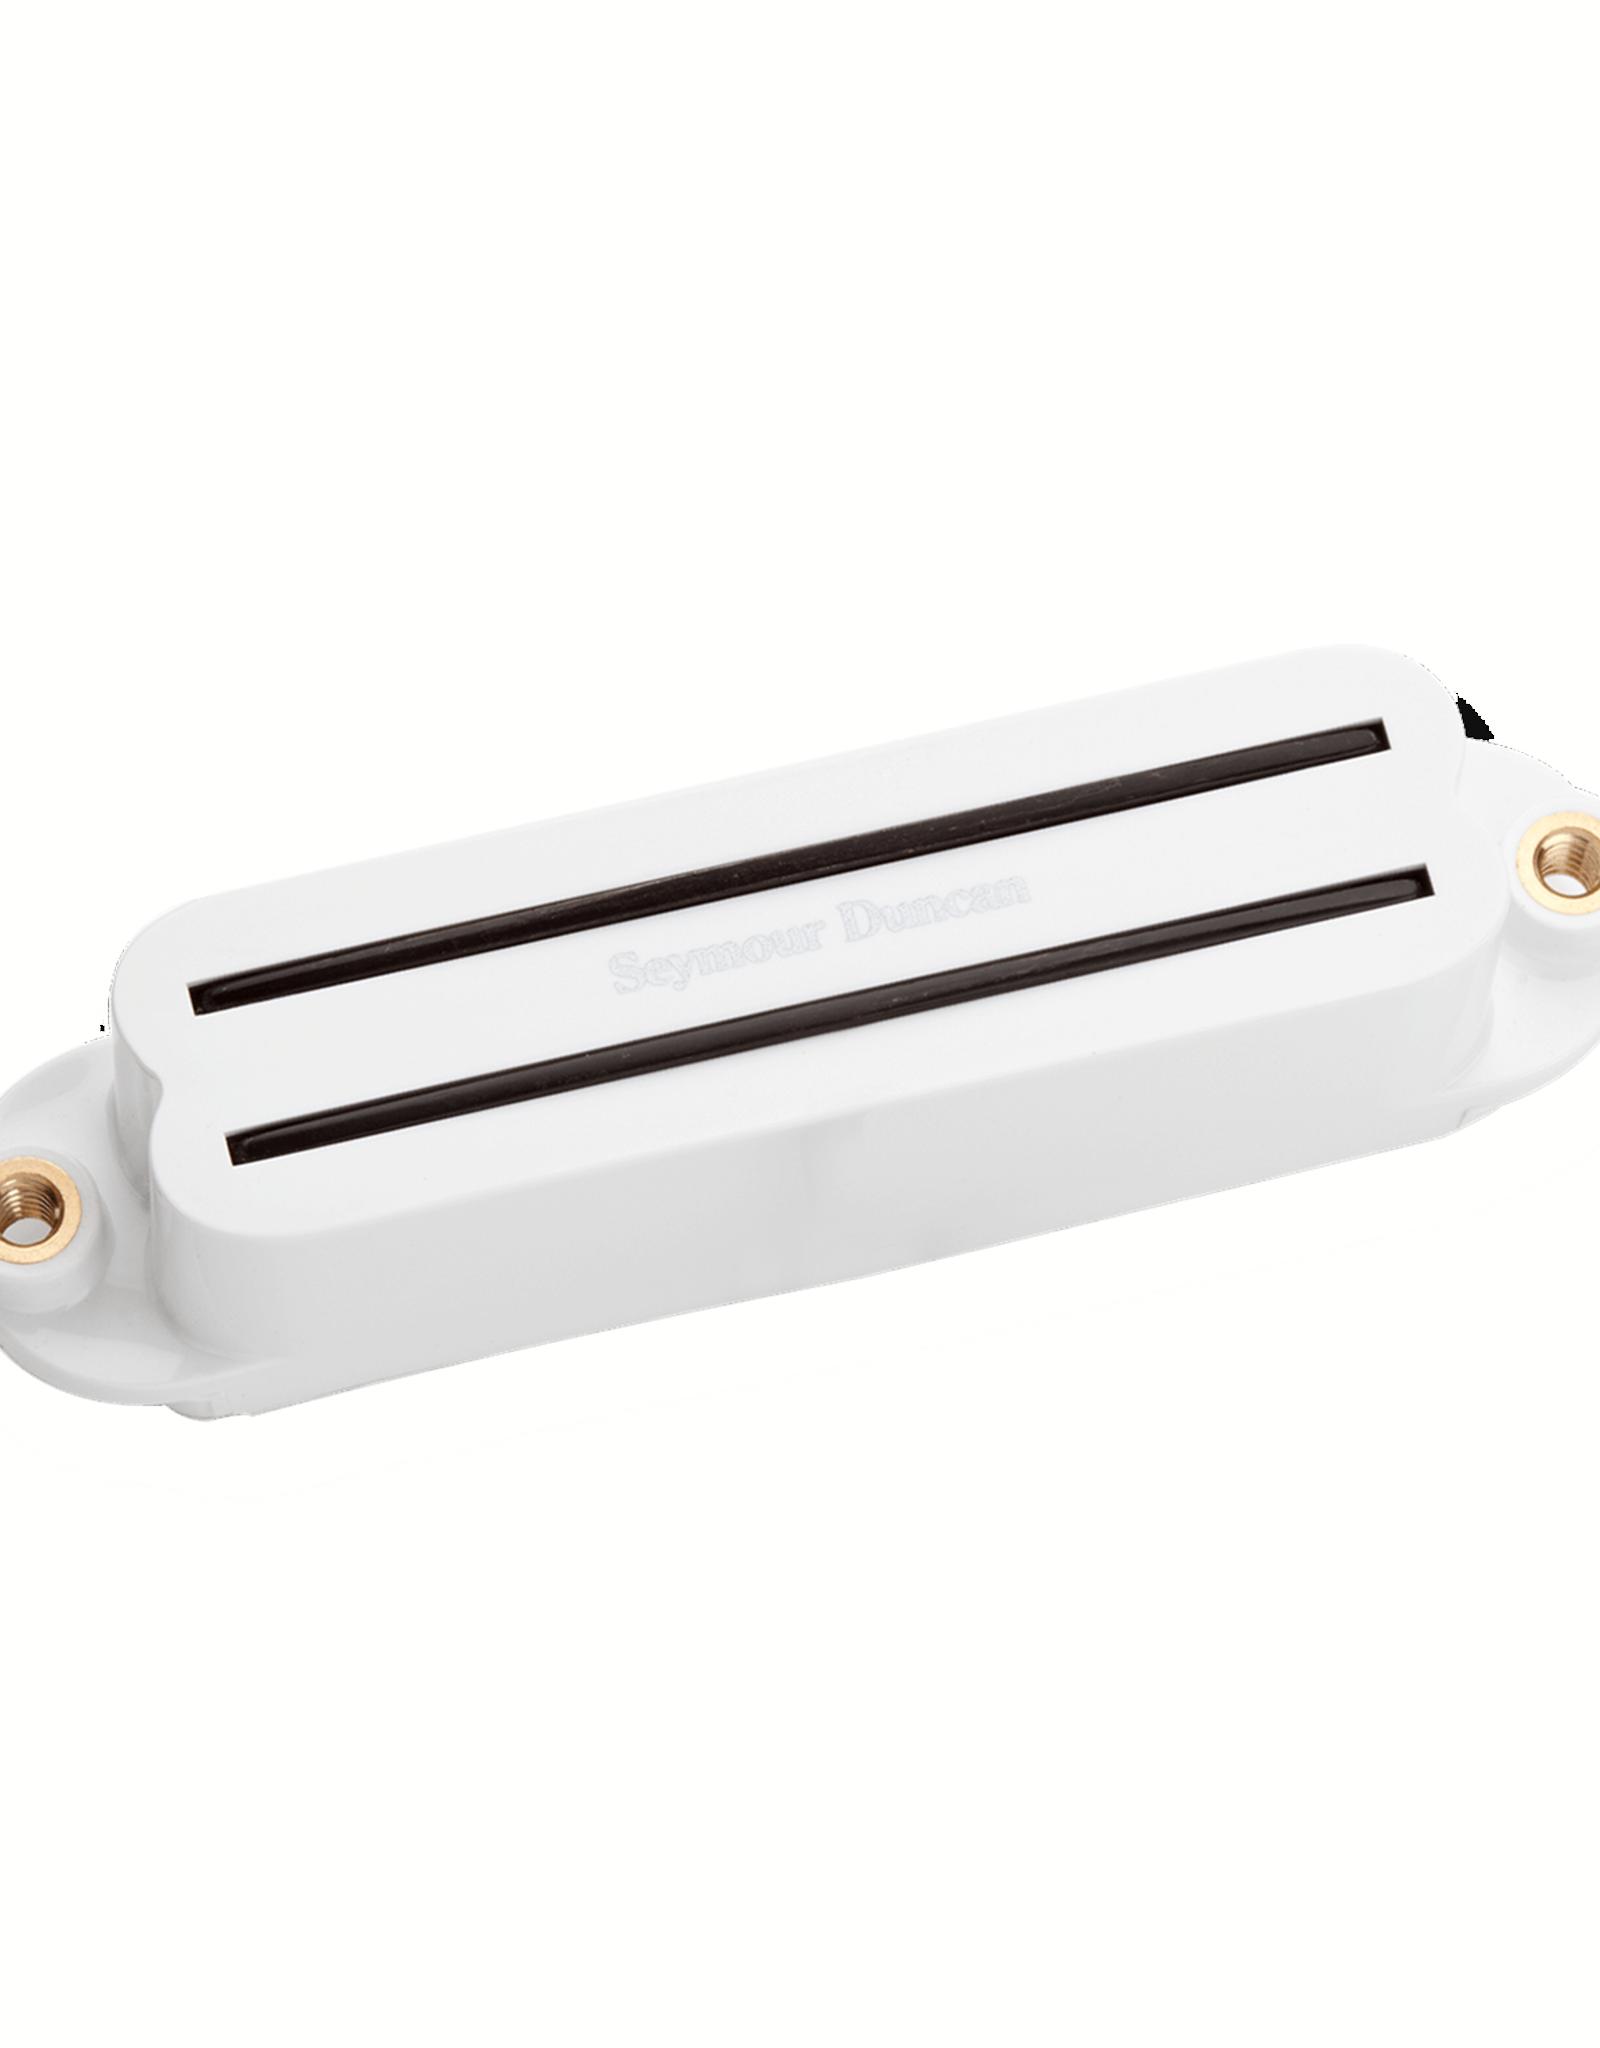 Seymour Duncan SHR-1b Hot Rails for Strat White, Single Pickup